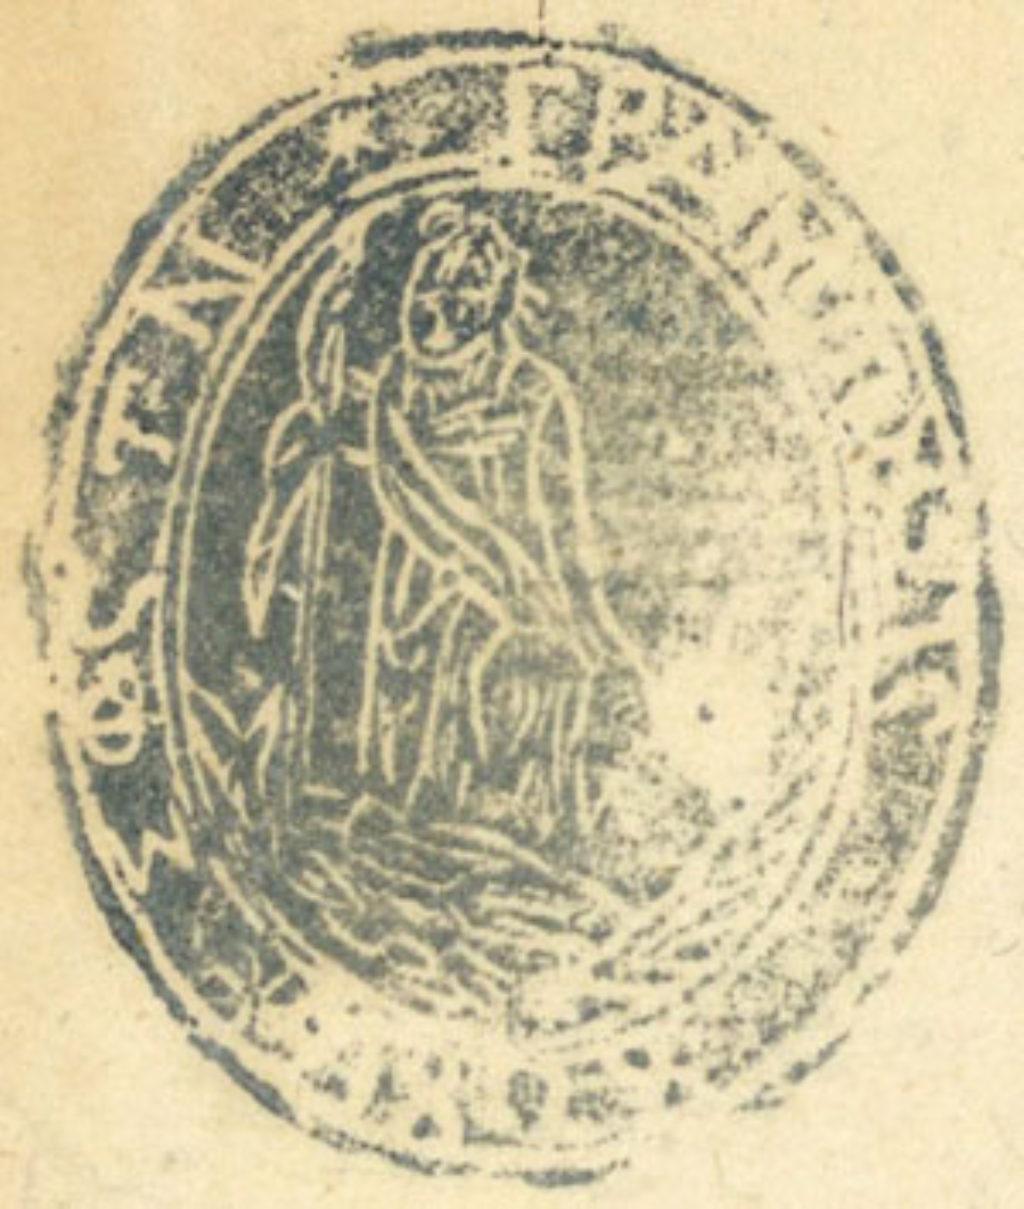 Η σφραγίδα της Επιτροπής Γραμβούσας, ©Αρχείο Ιστορικών Εγγραφών ΙΕΕΕ - Εθνικό Ιστορικό Μουσείο, Αθήνα